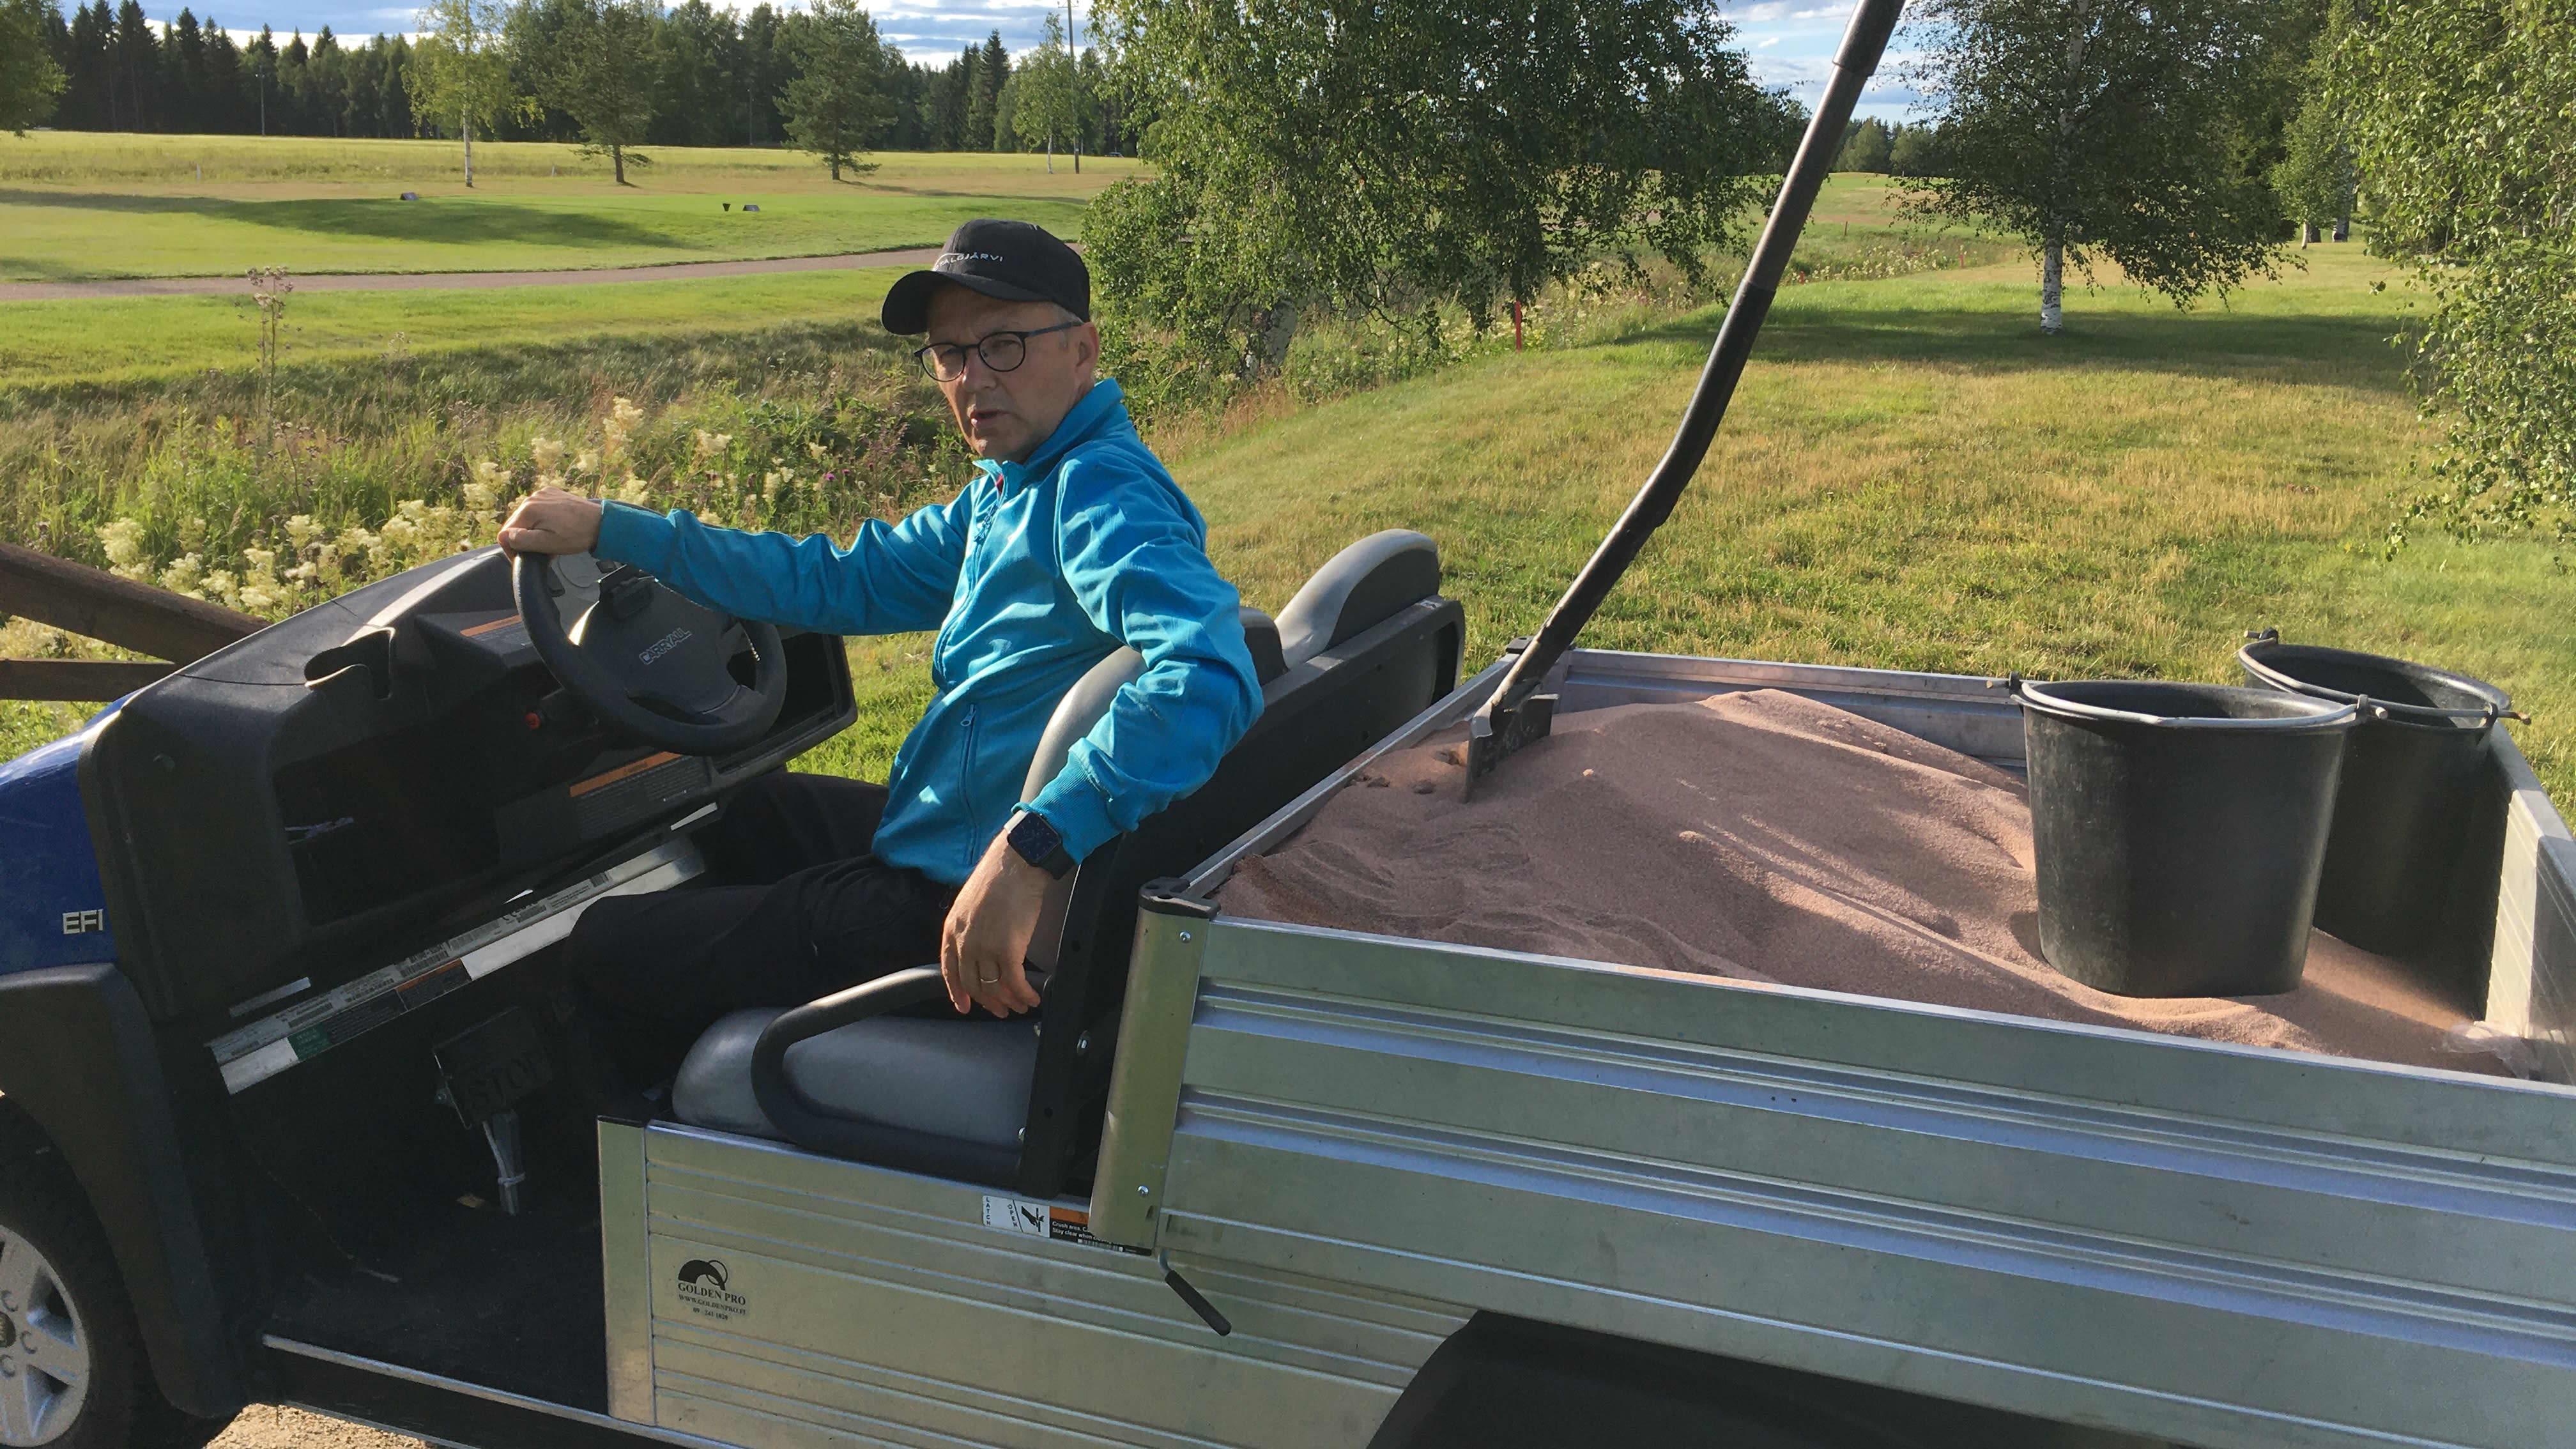 Eero Viinikka on yksi talkoolaisista Ruuhikosken golf-kentällä ennen SM-lyöntipeli -tapahtuman alkua